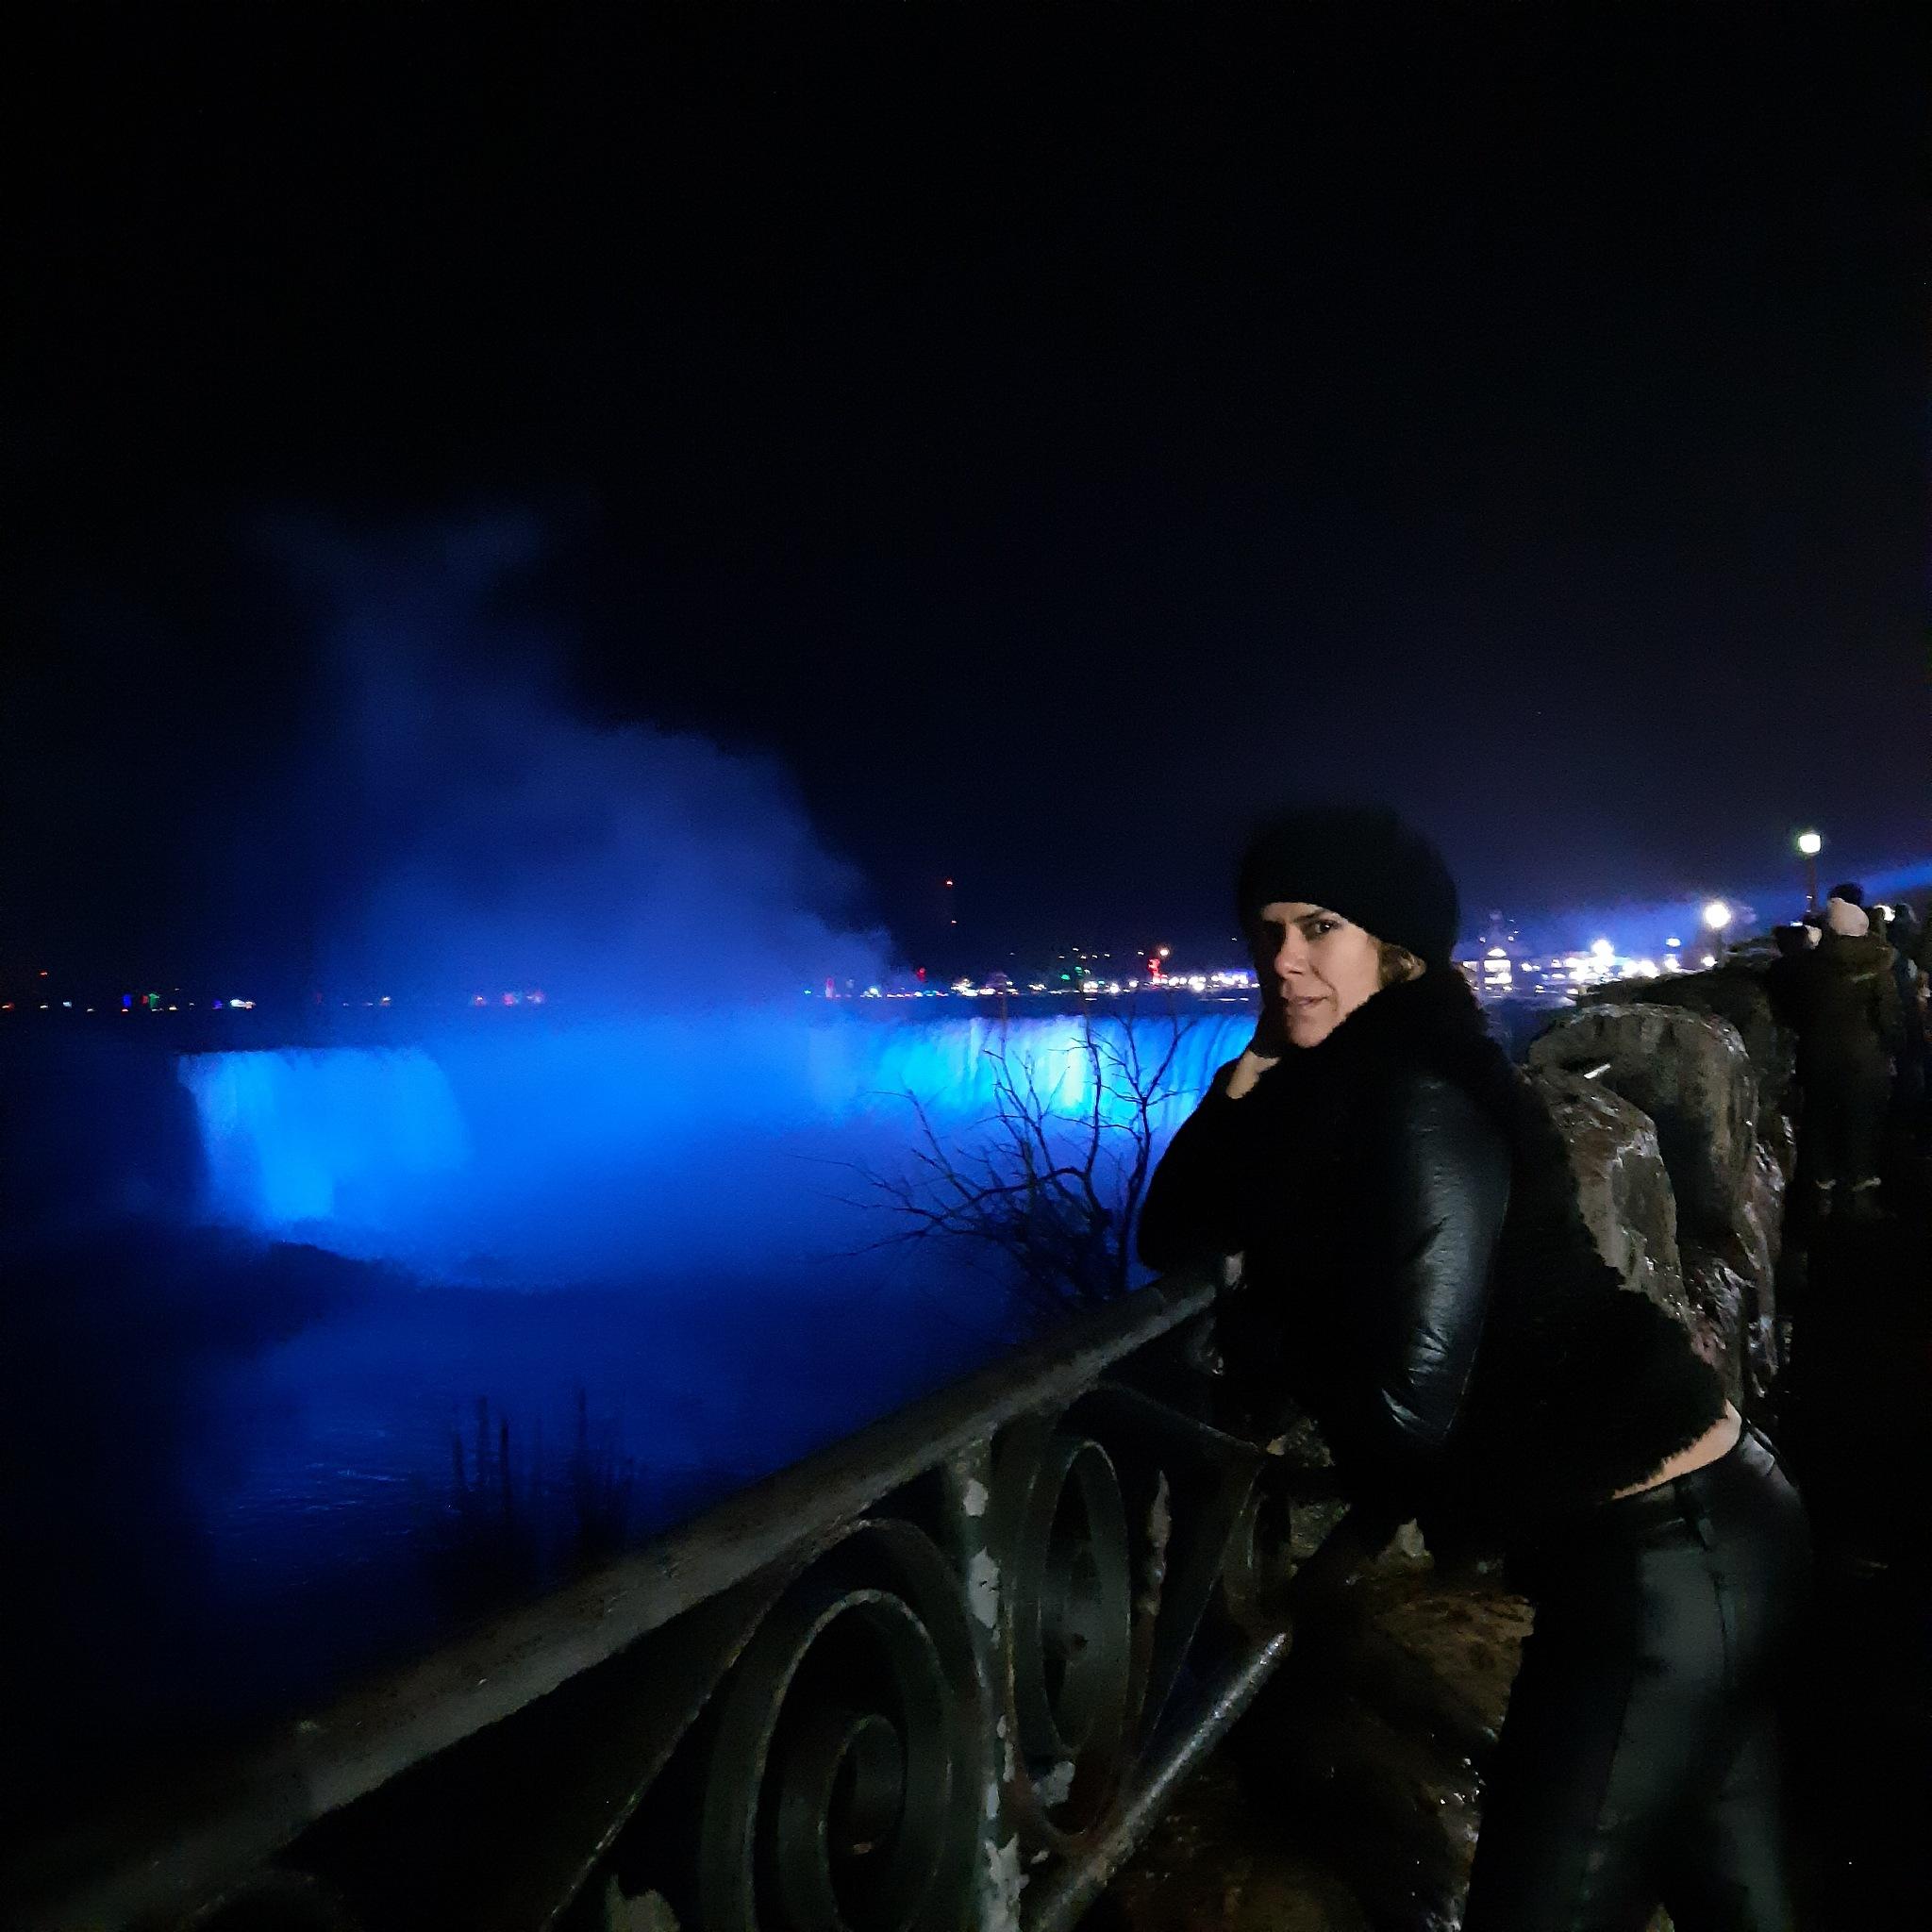 Niagara Falls by Marklin Rodriguez